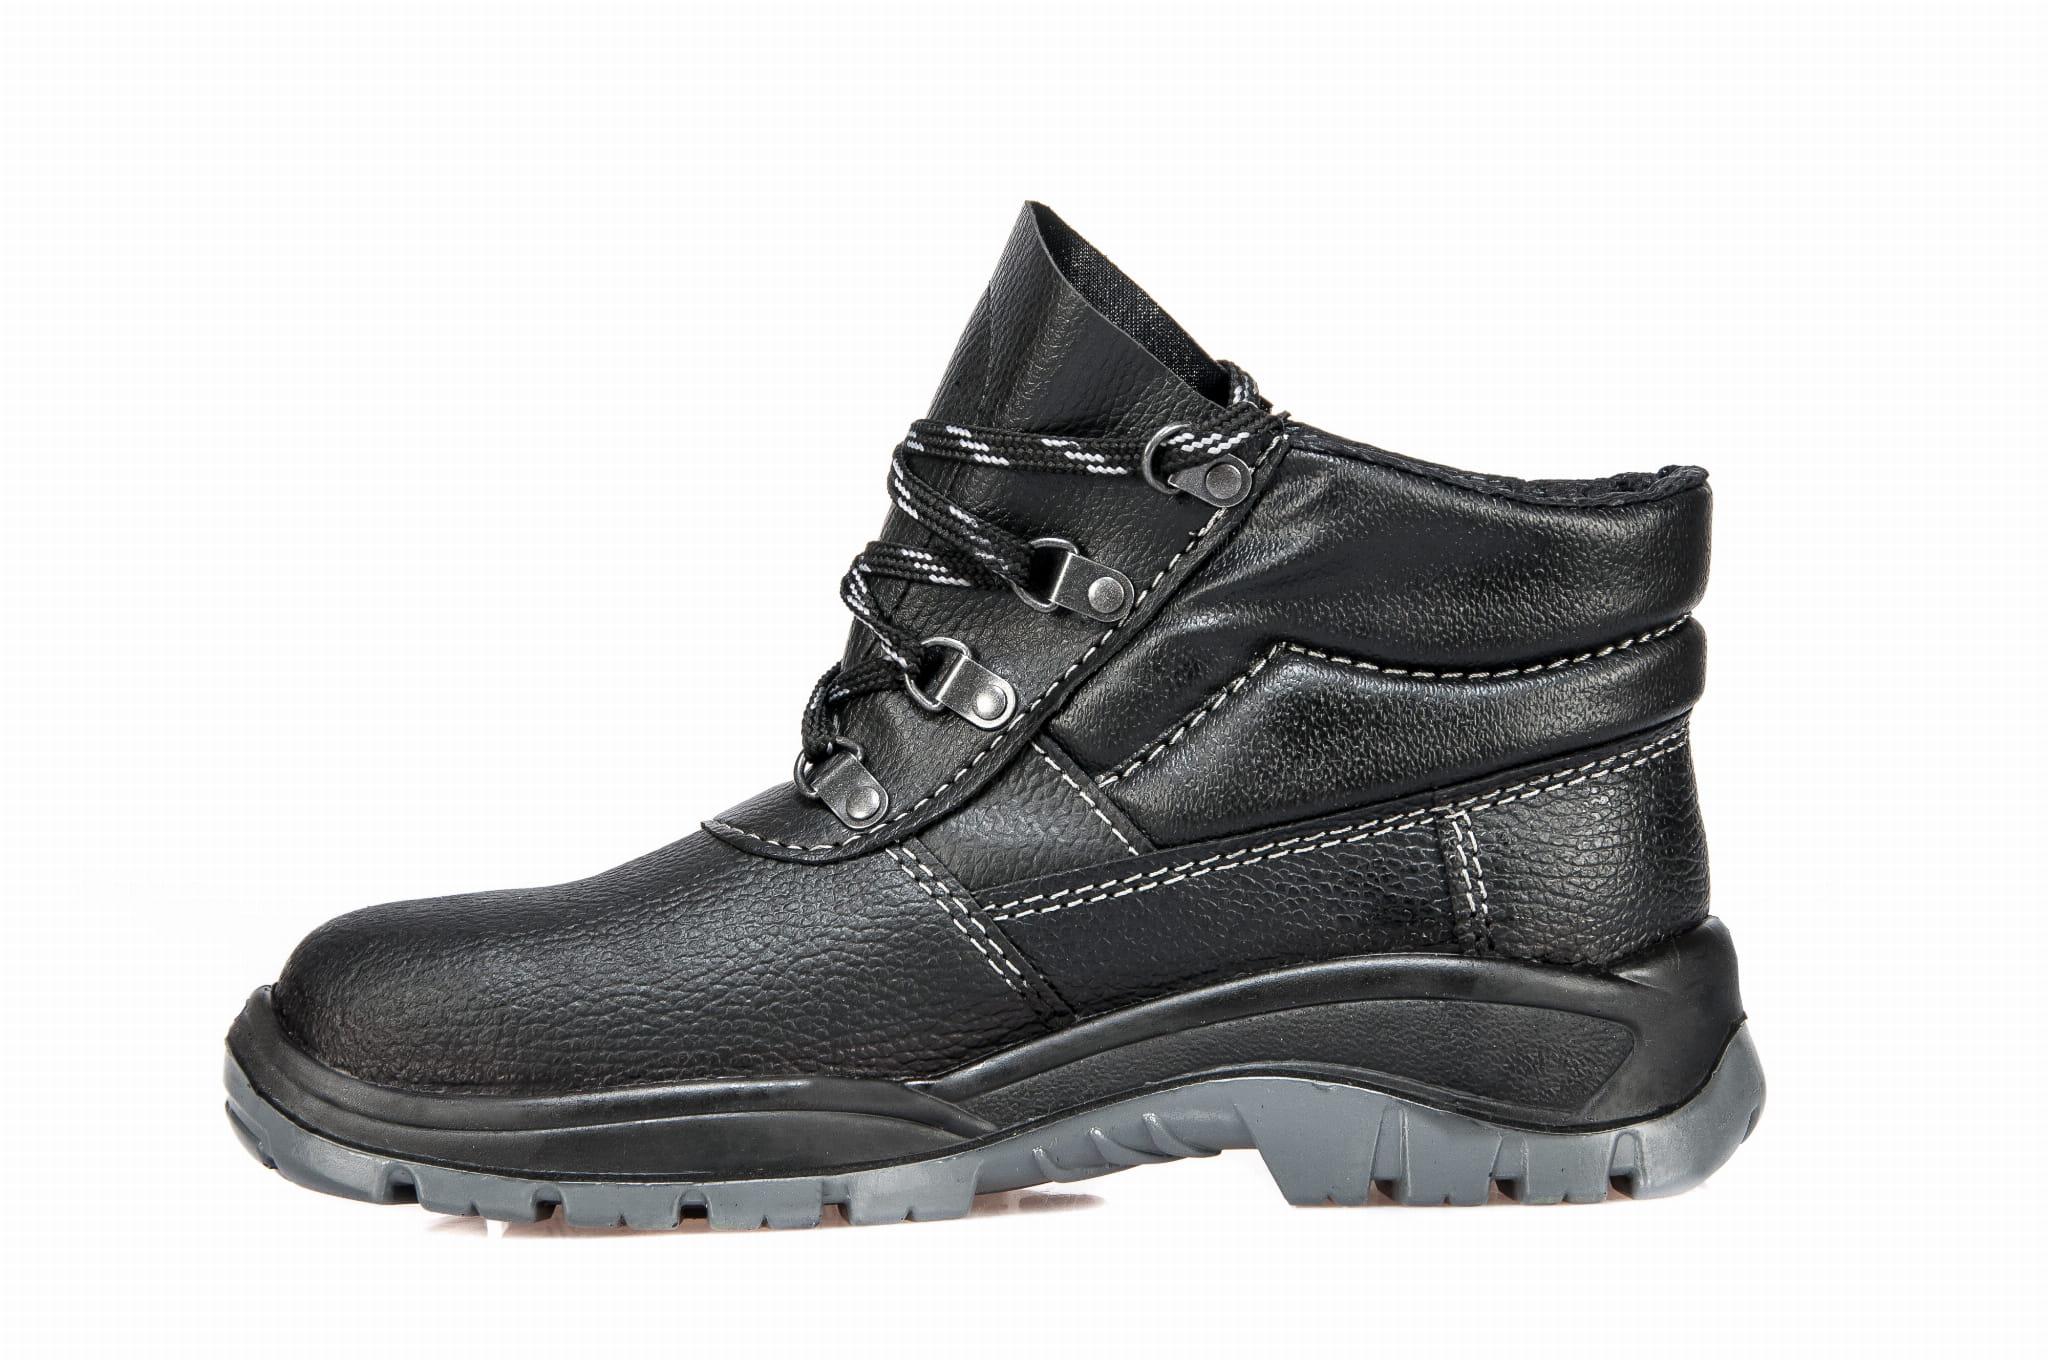 9857fdae PPO Strzelce Opolskie buty robocze - odzież BHP - Malam